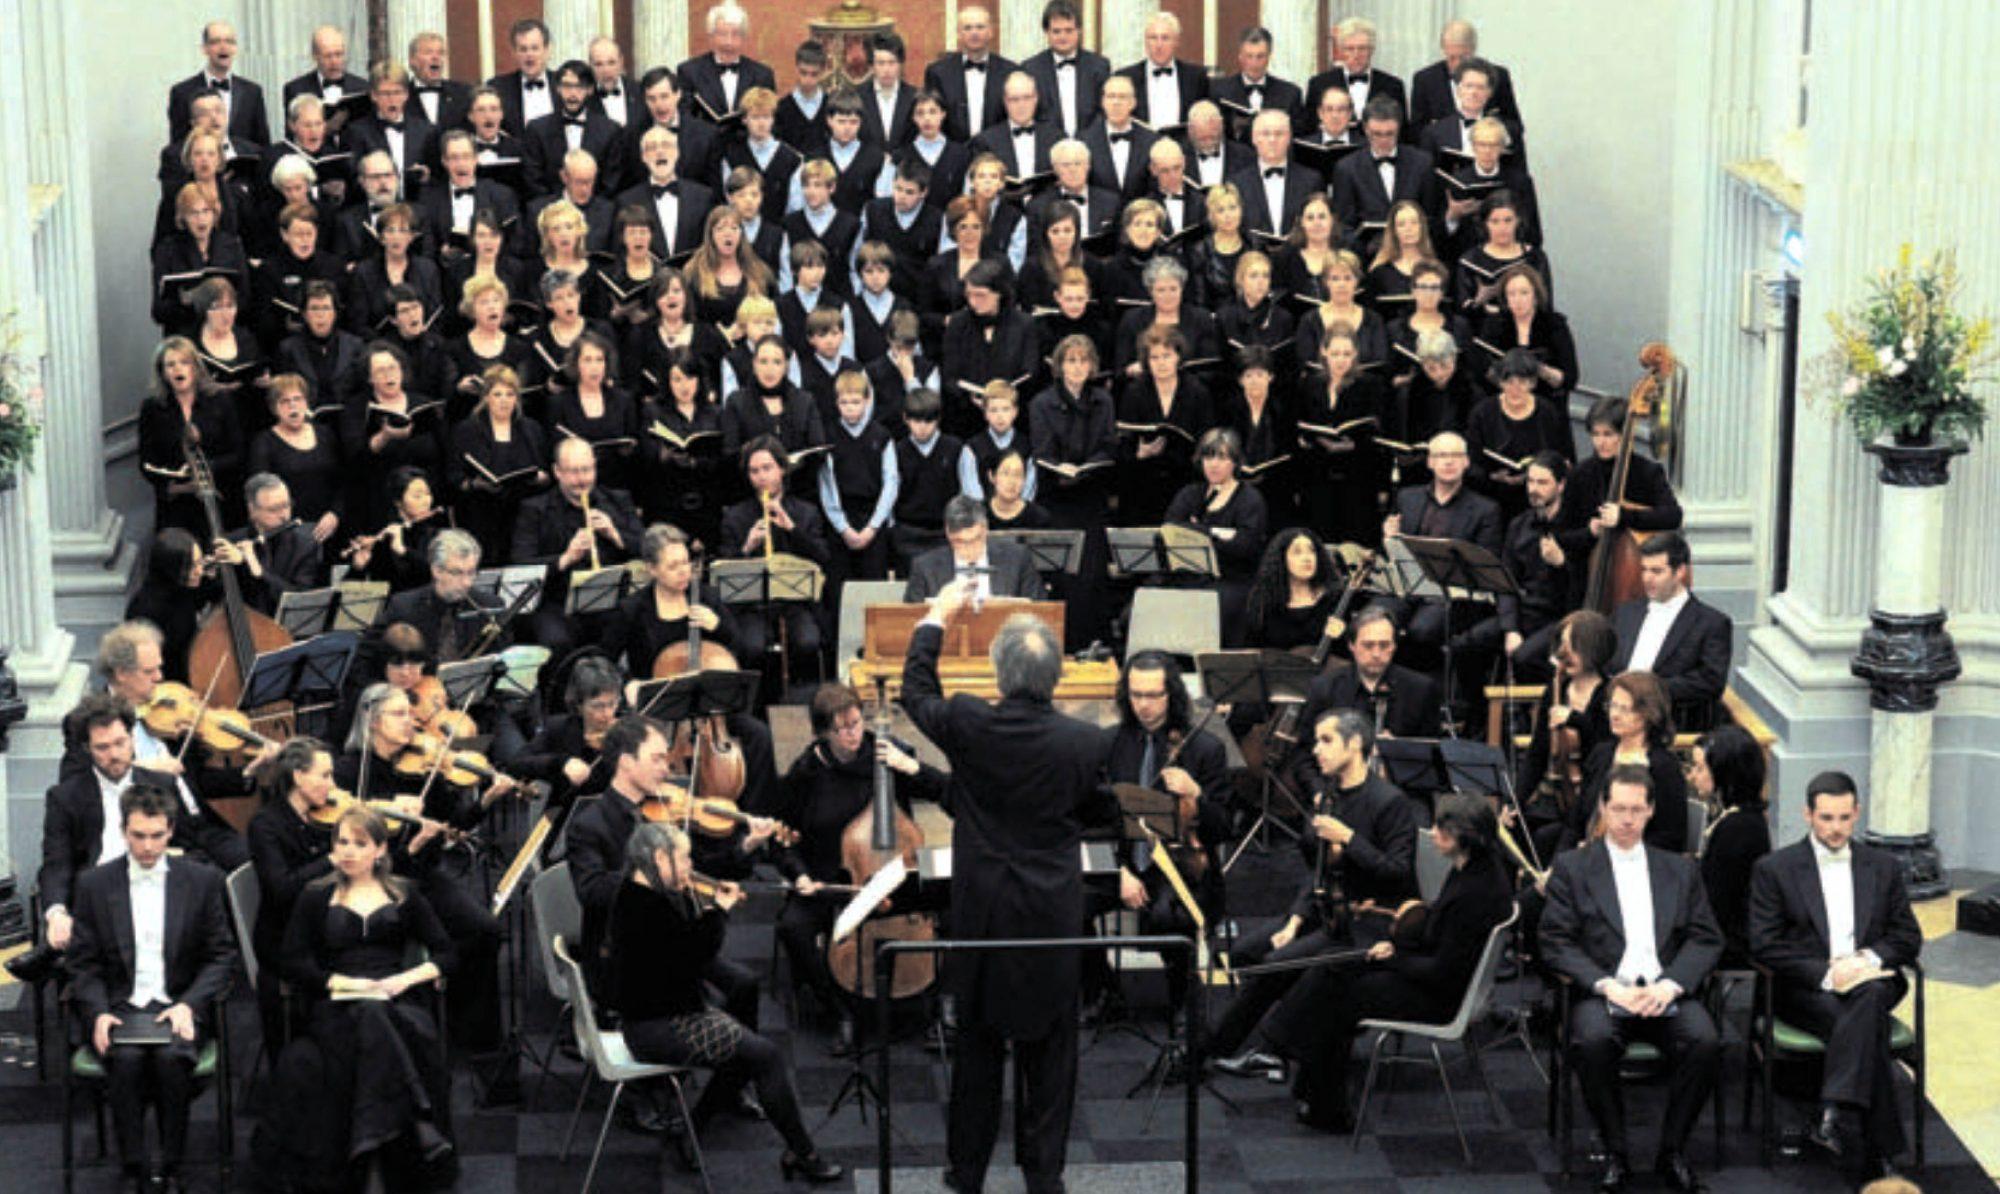 Bachkoor Brabant zingt de Matthaus Passion in Oudenbosch Maart 2013